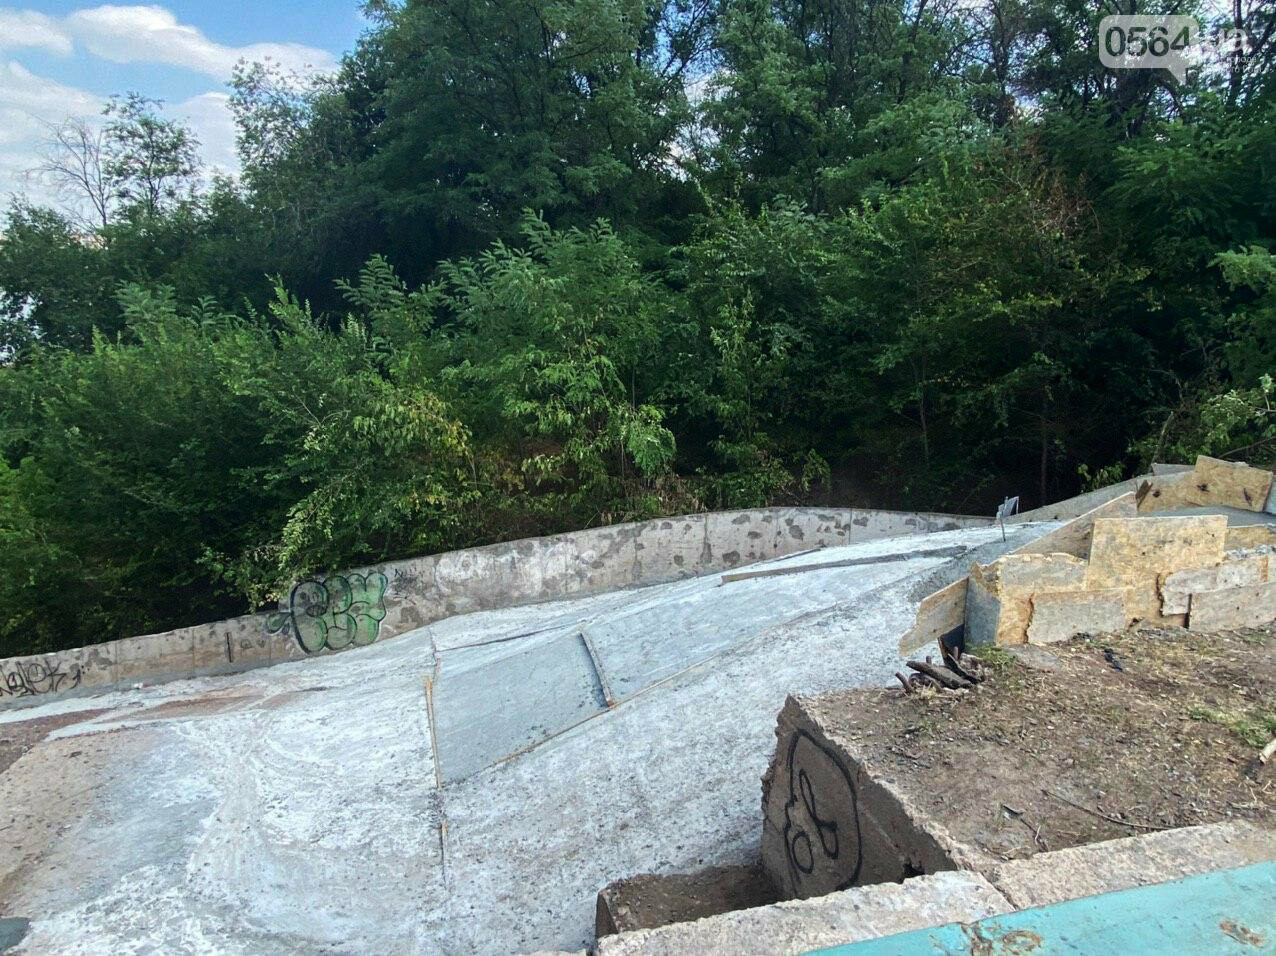 В Кривом Роге опять ремонтируют мост, где 5 лет назад произошло ЧП, - ФОТО , фото-15